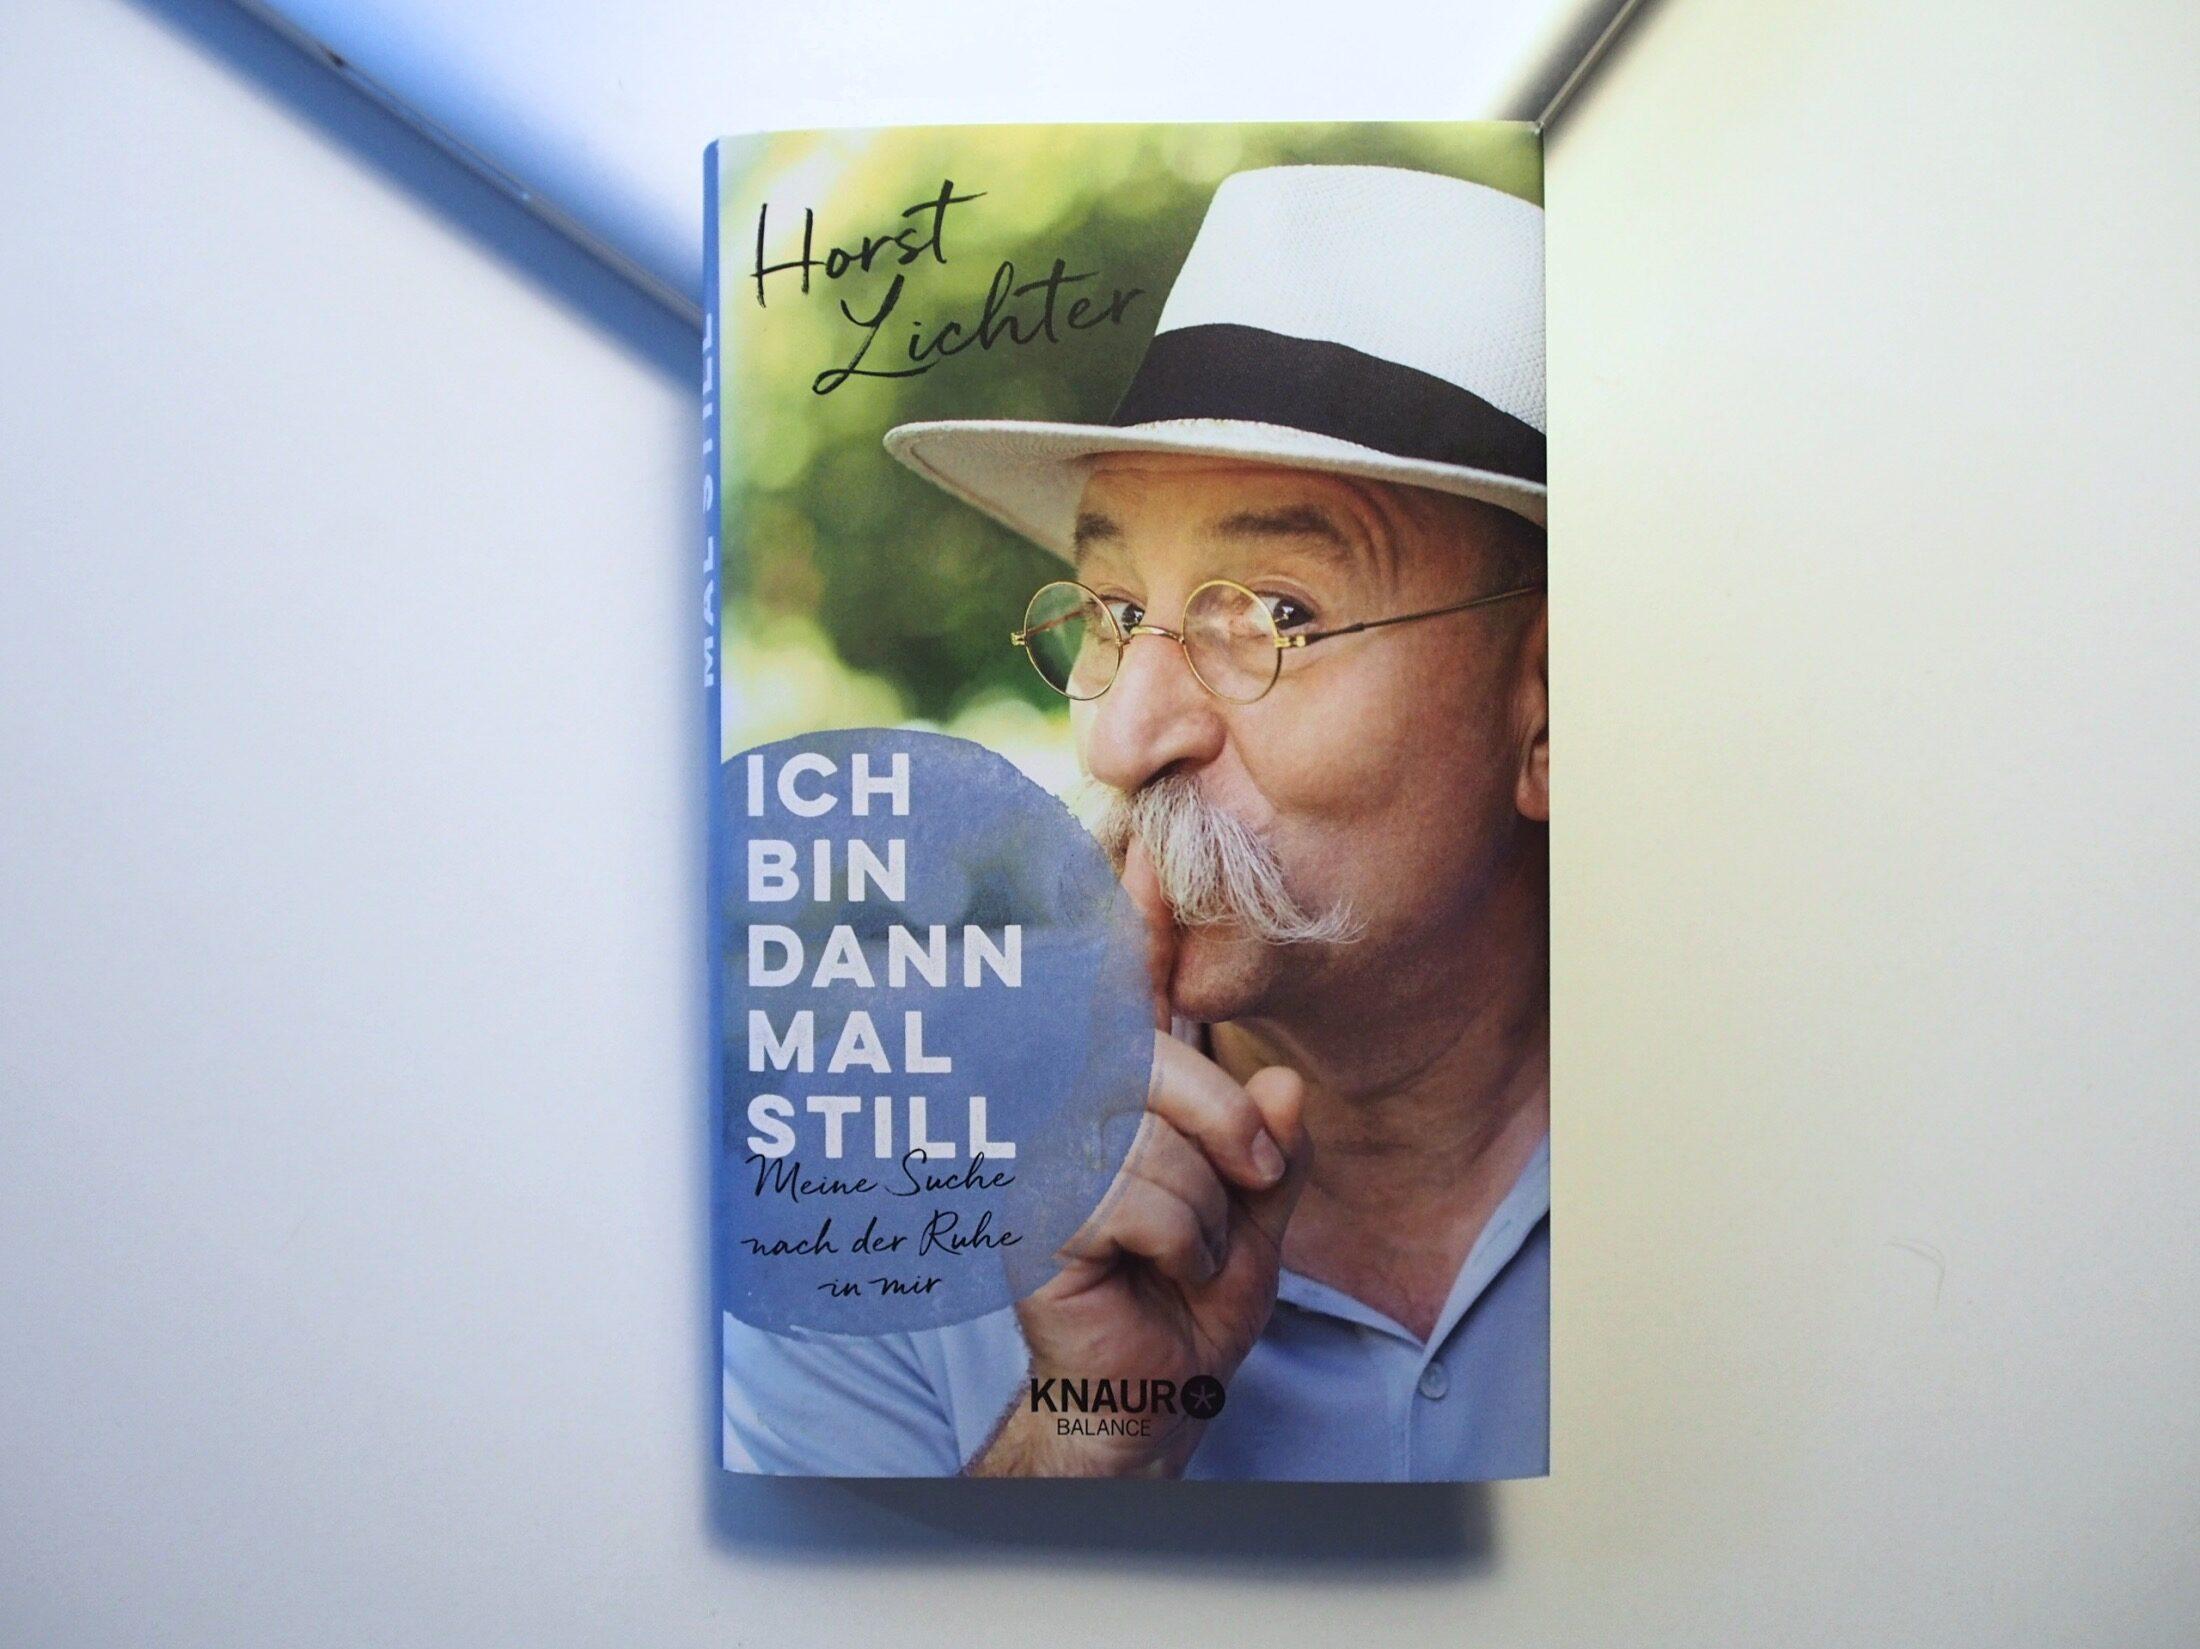 Horst Lichter - ich bin dann mal still